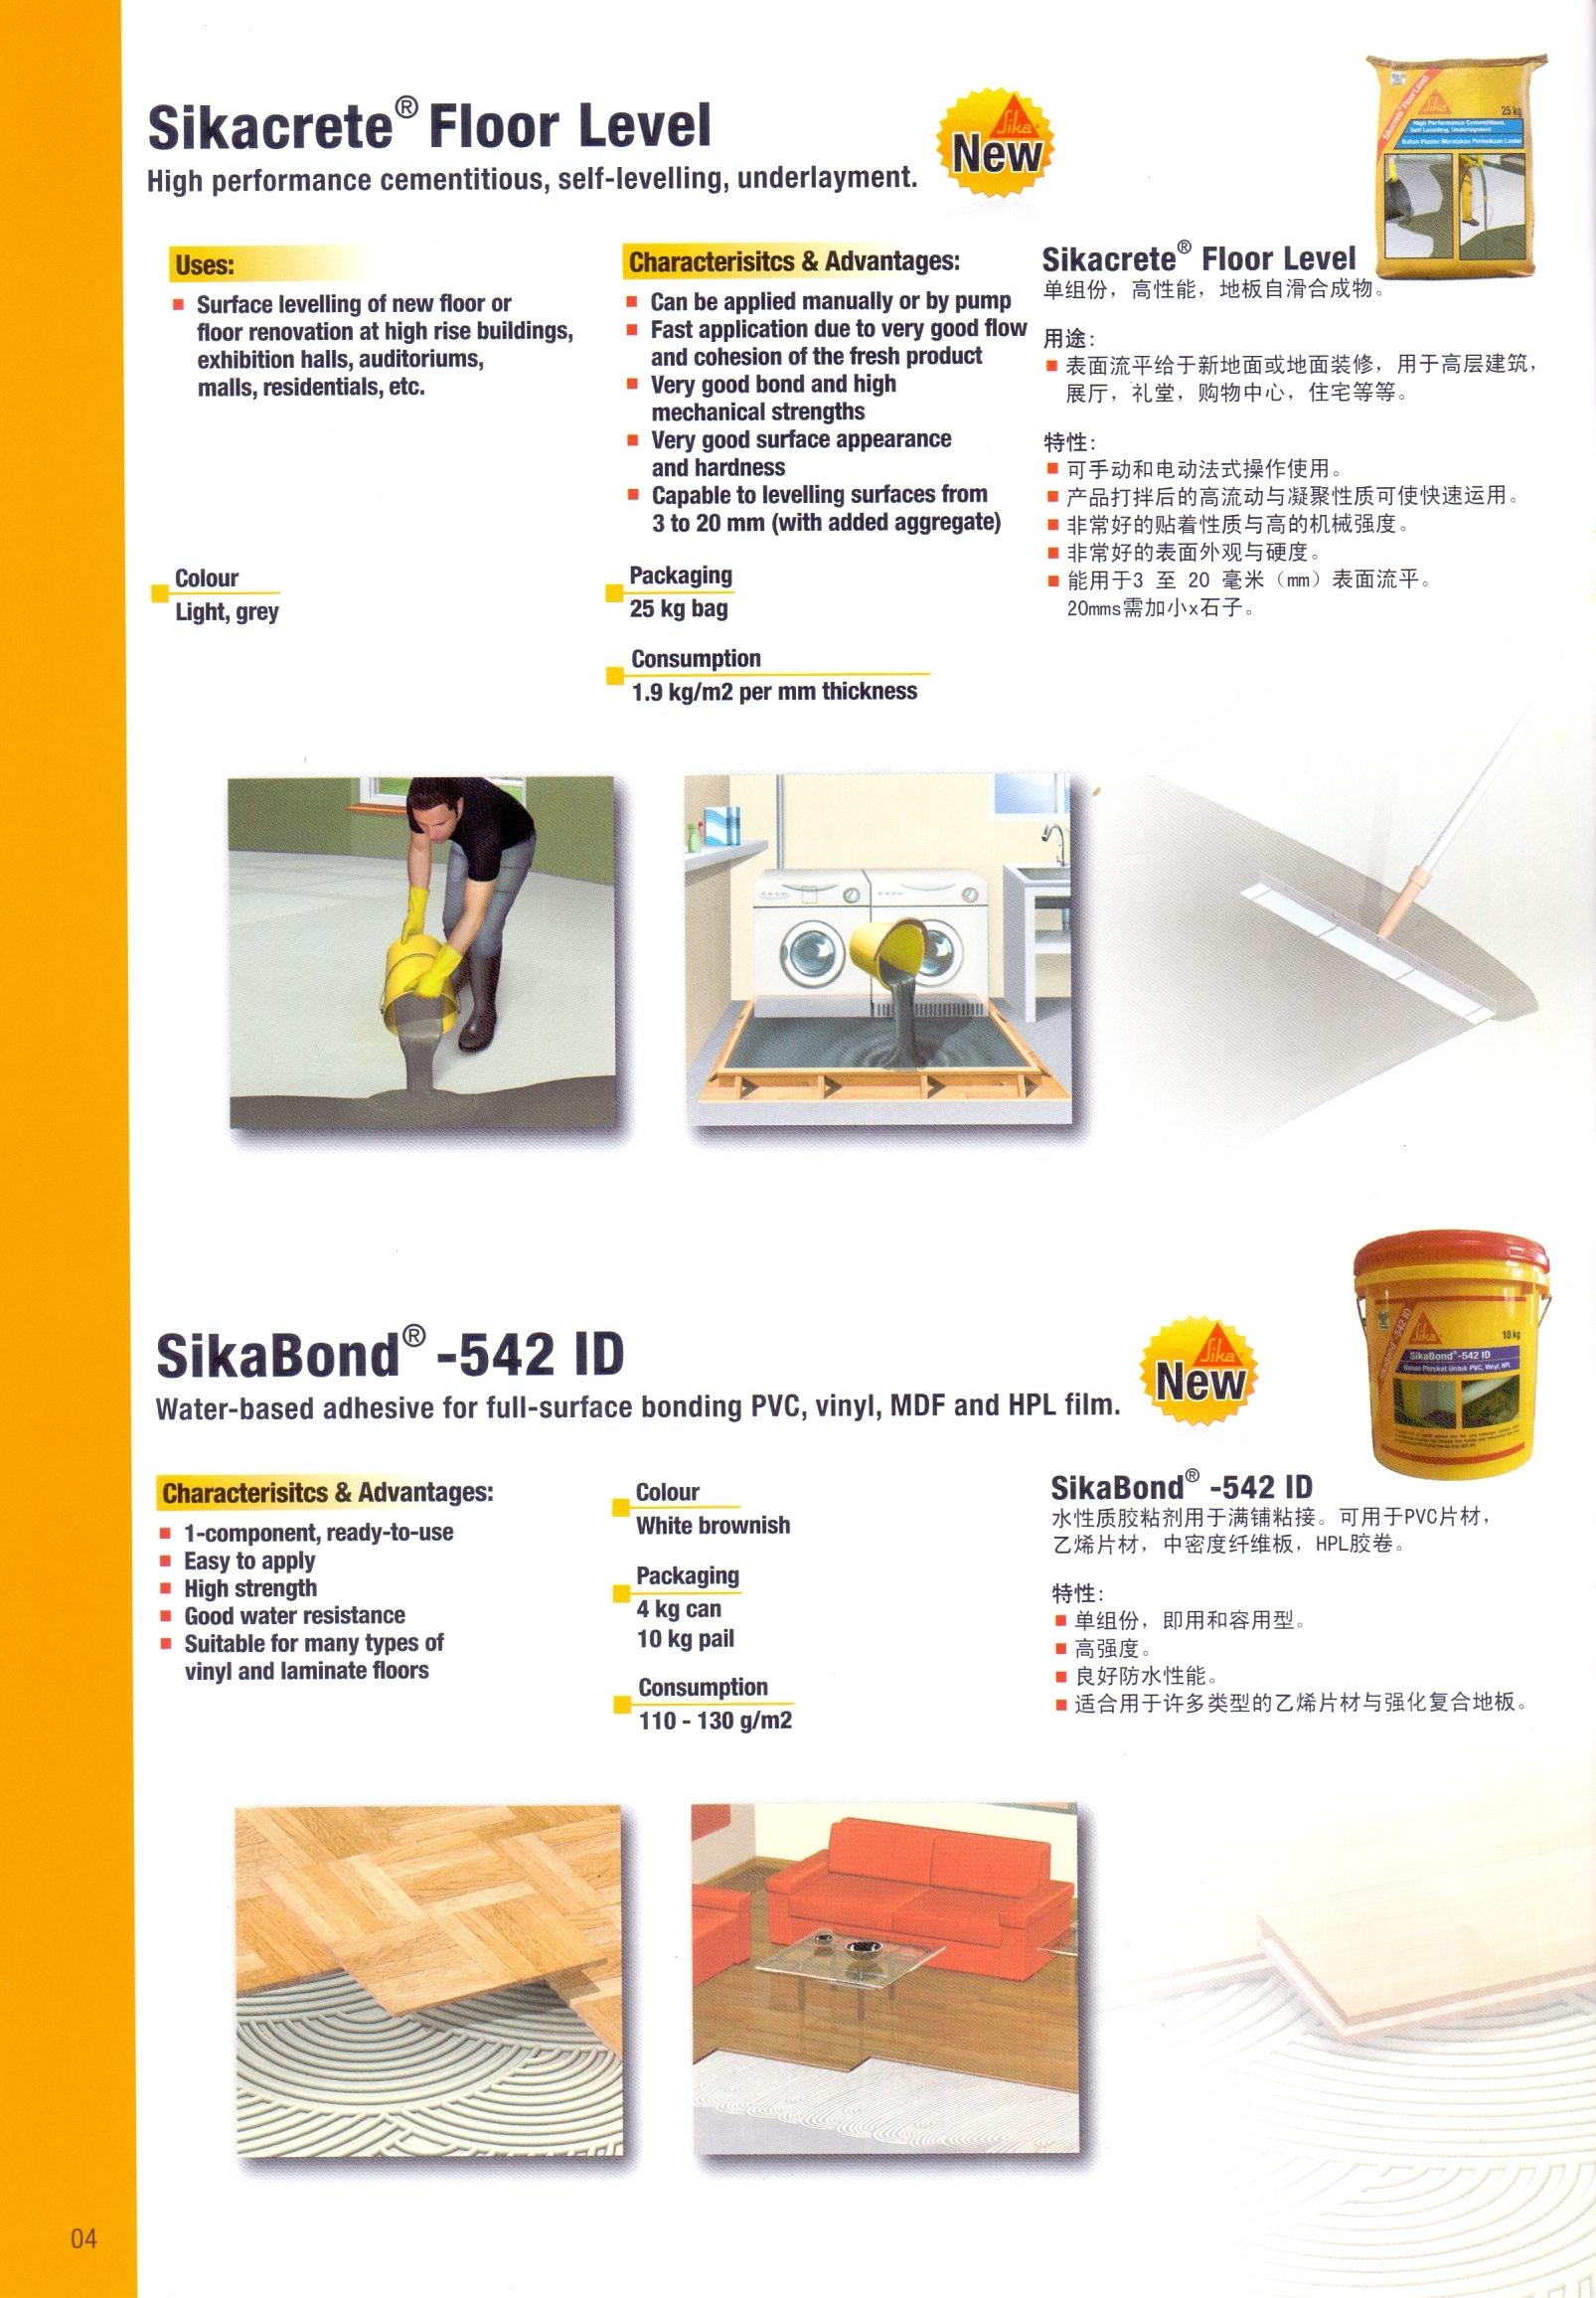 Sikacrete Floor  SikaBond - 542 ID